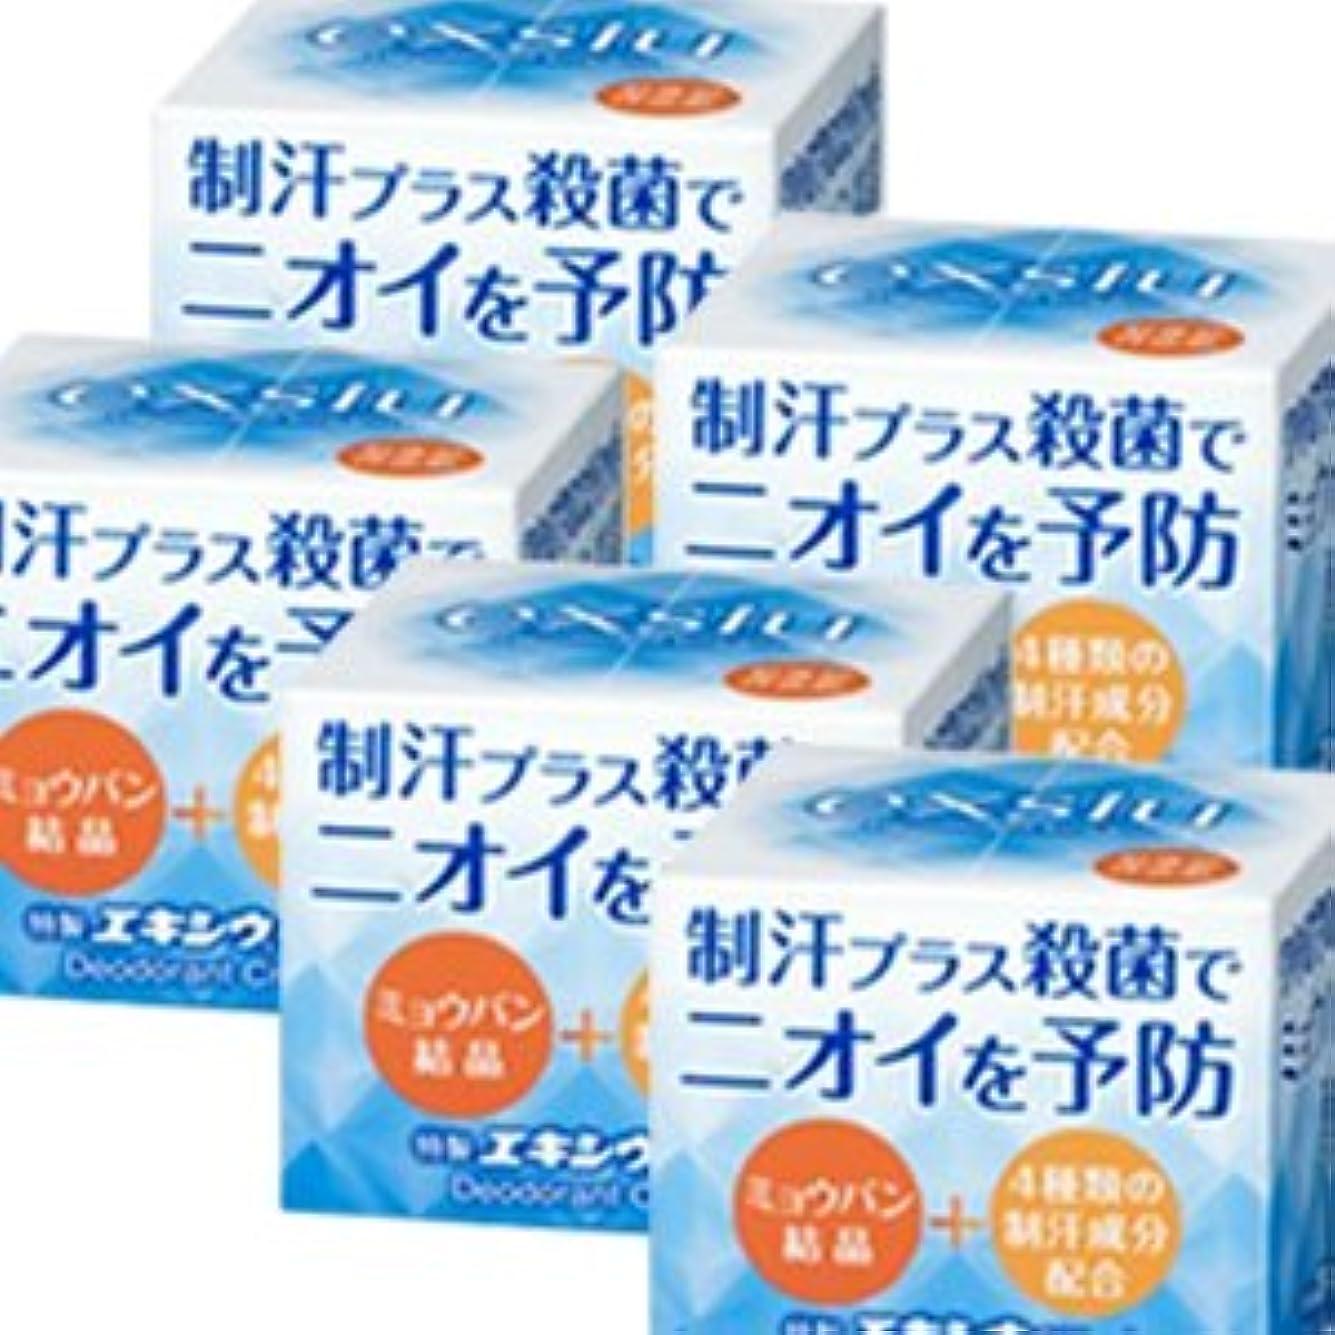 【5個】 特製エキシウクリーム 30gx5個 (4987145200228)